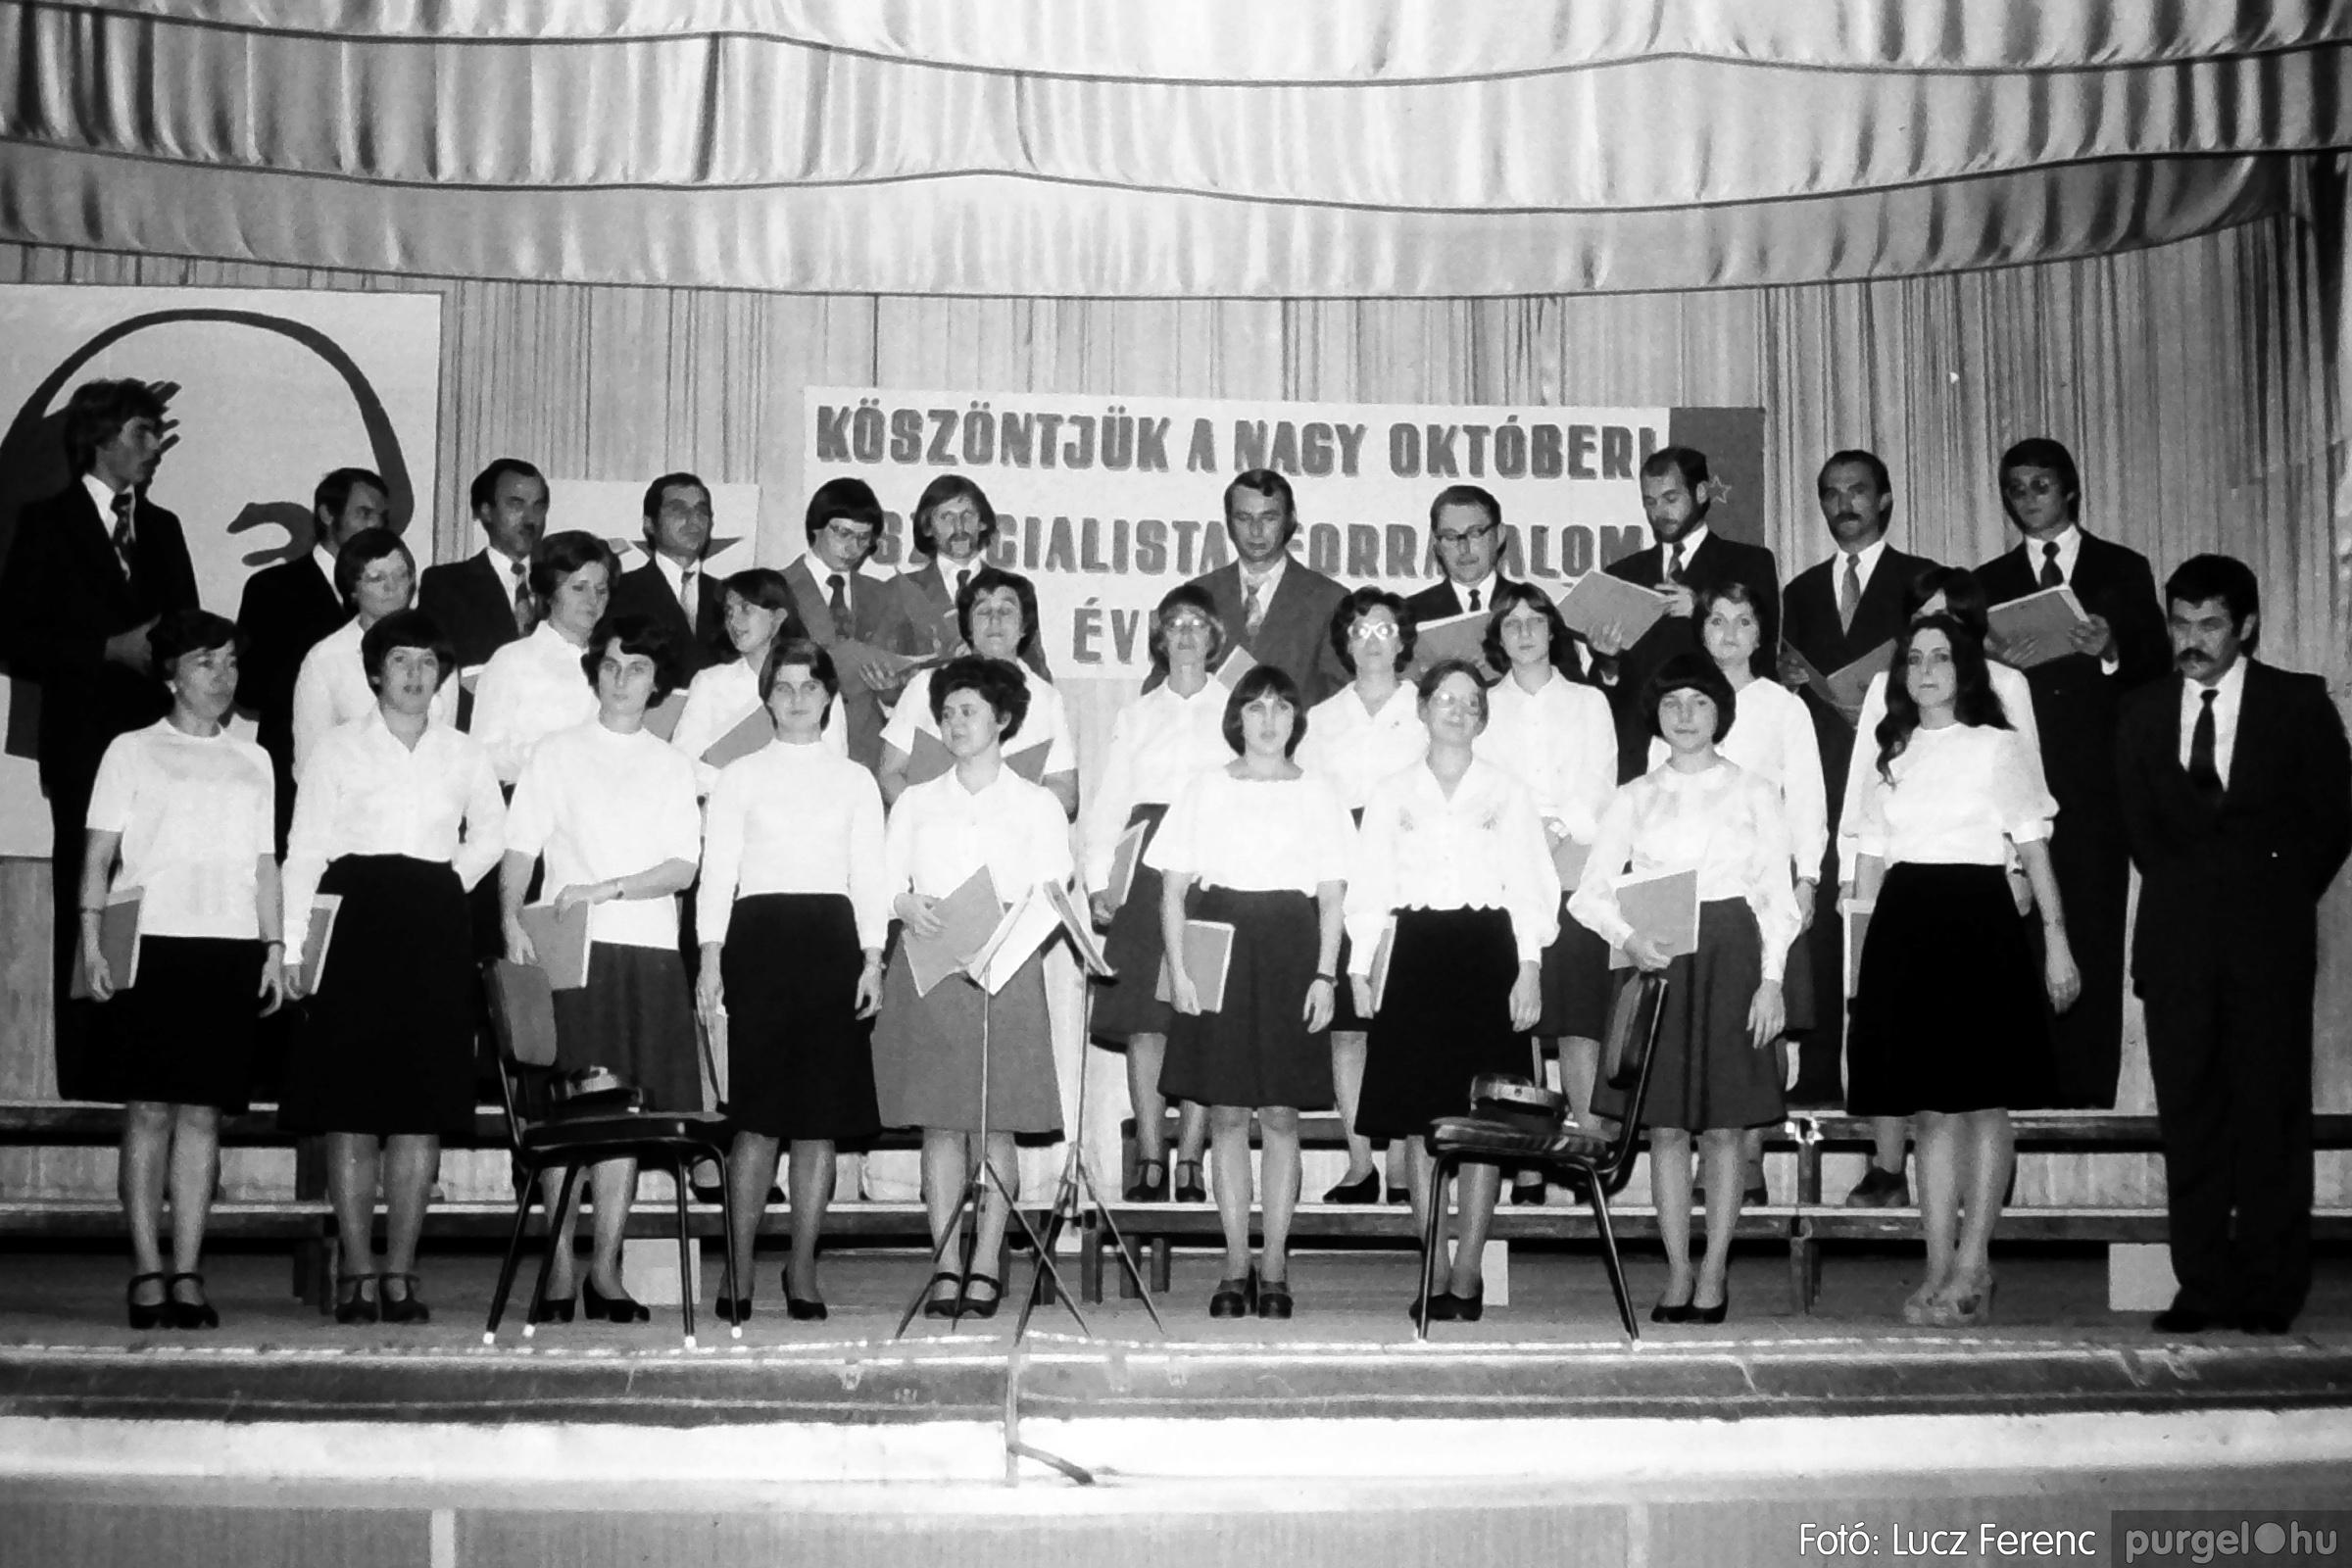 094. 1977.11.07. November 7-i ünnepség 023. - Fotó: Lucz Ferenc.jpg